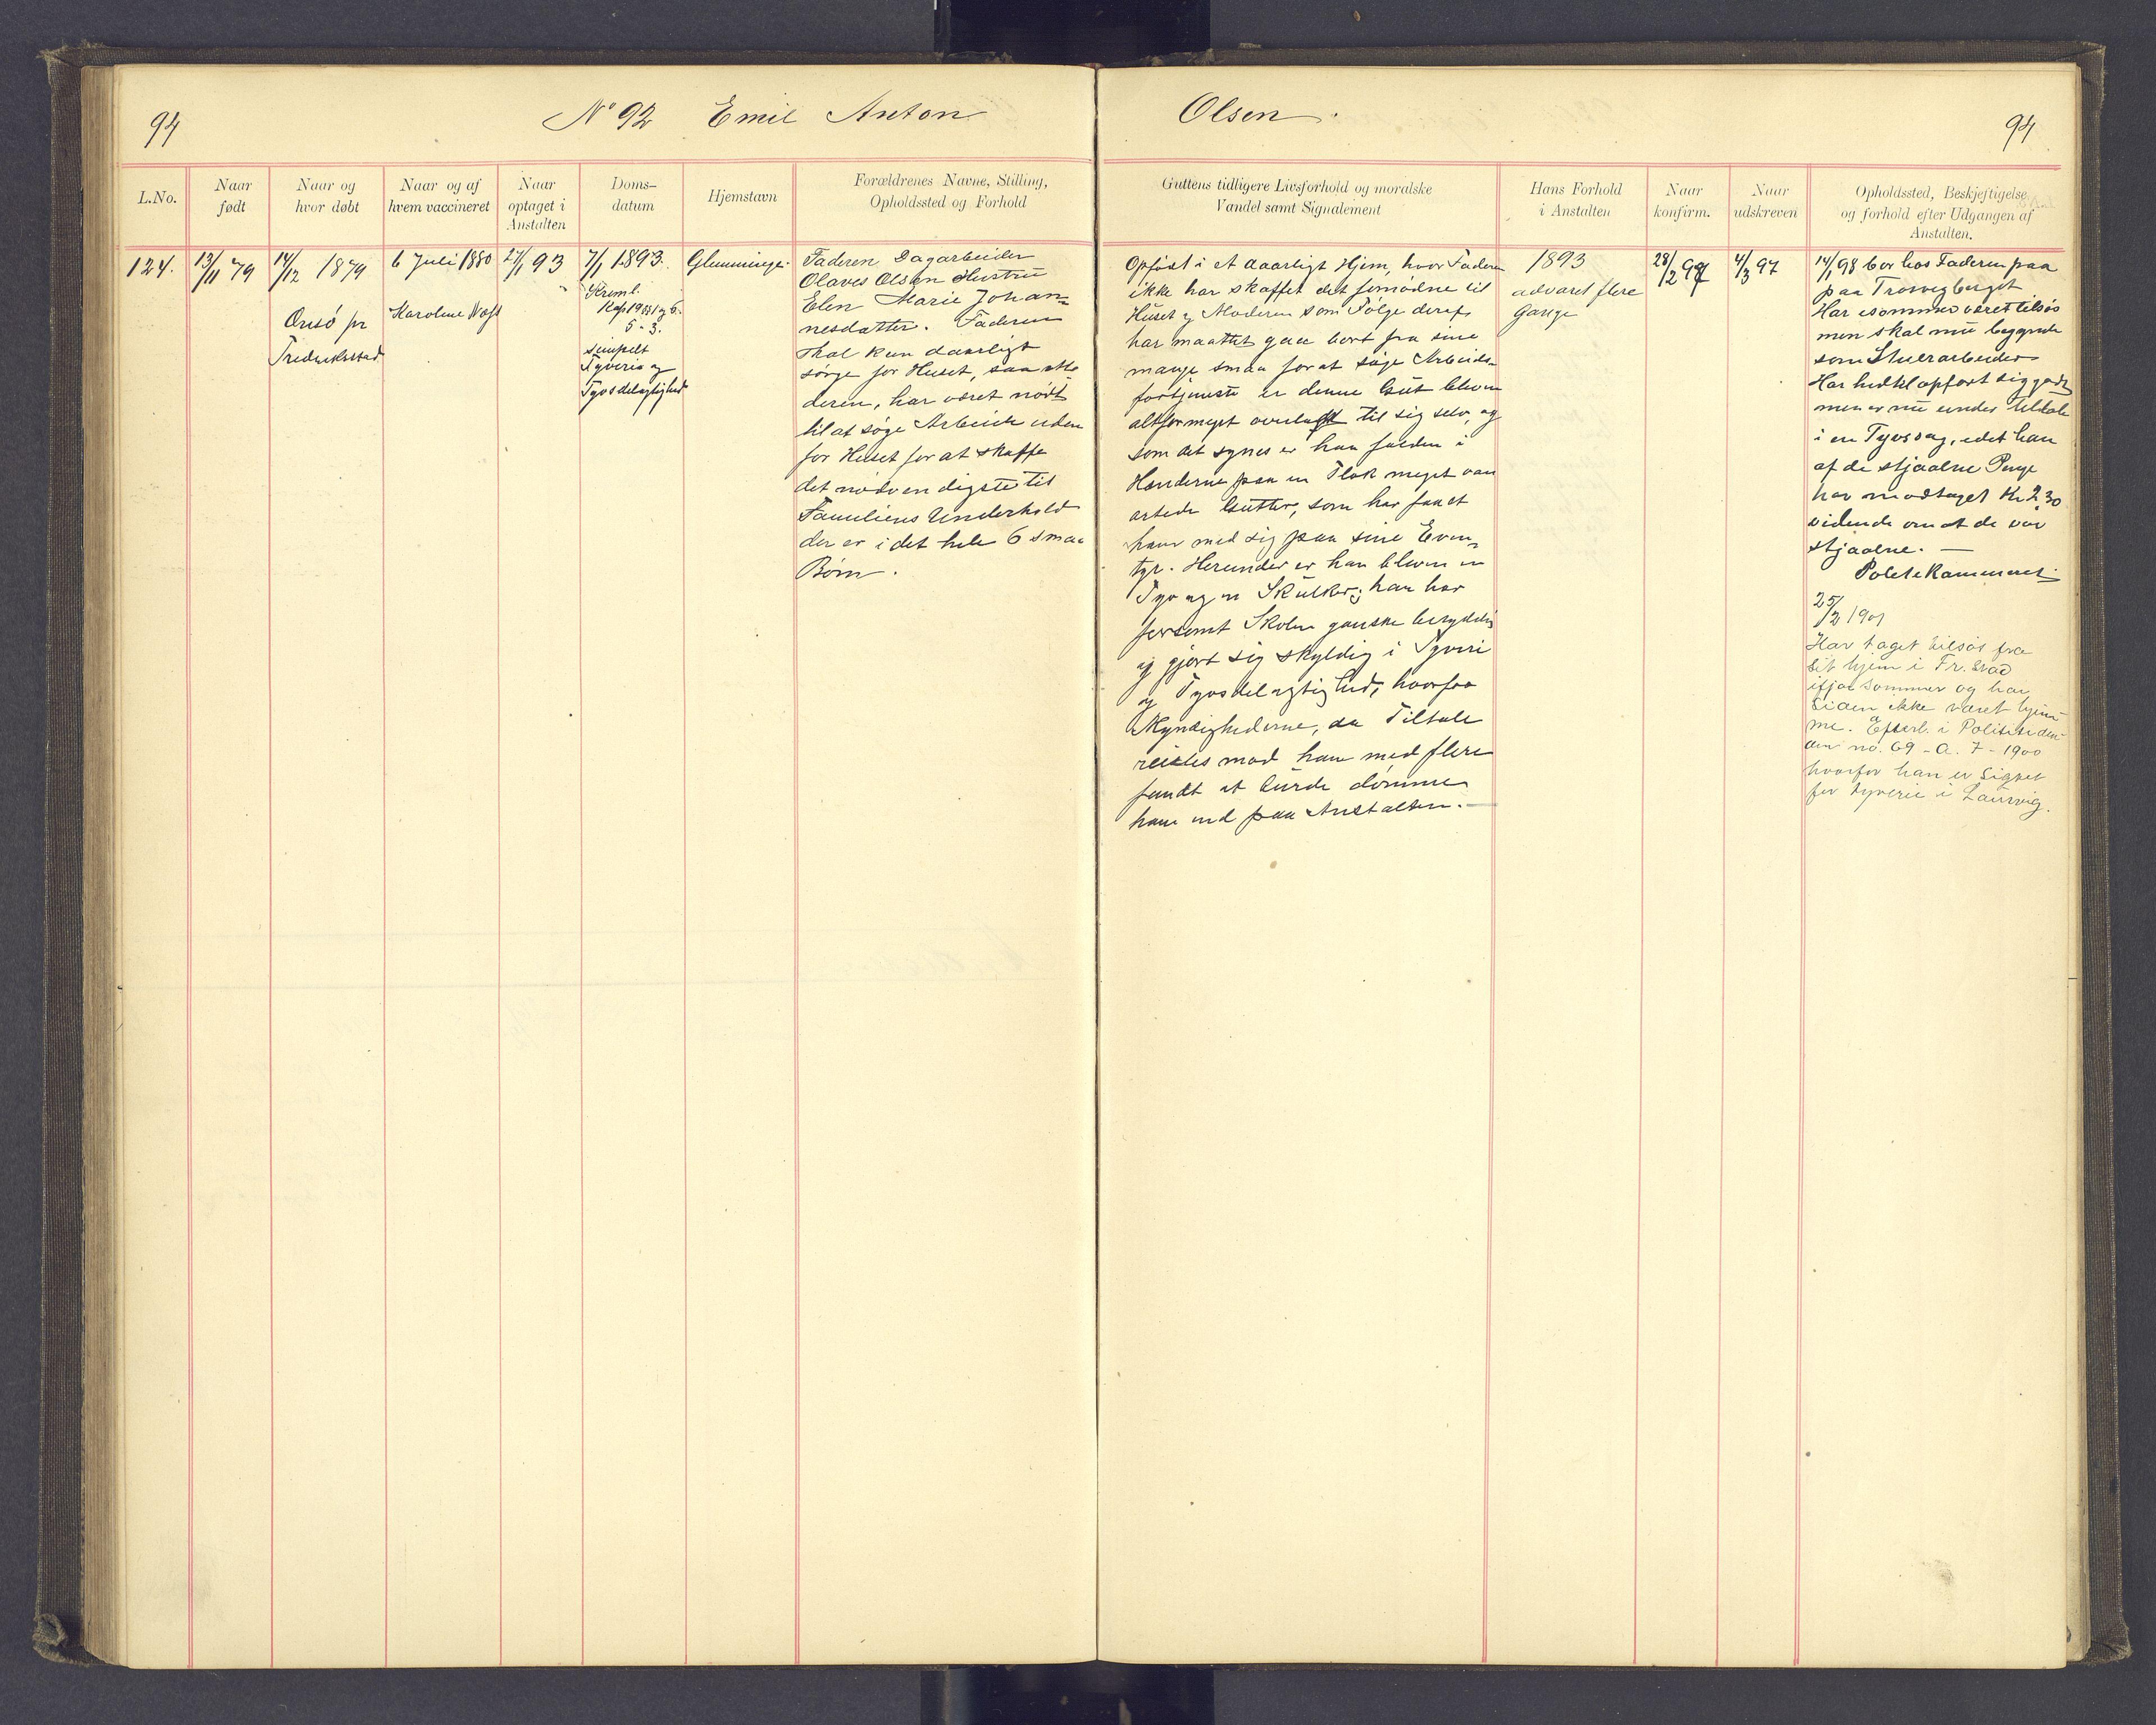 SAH, Toftes Gave, F/Fc/L0003: Elevprotokoll, 1886-1897, s. 94